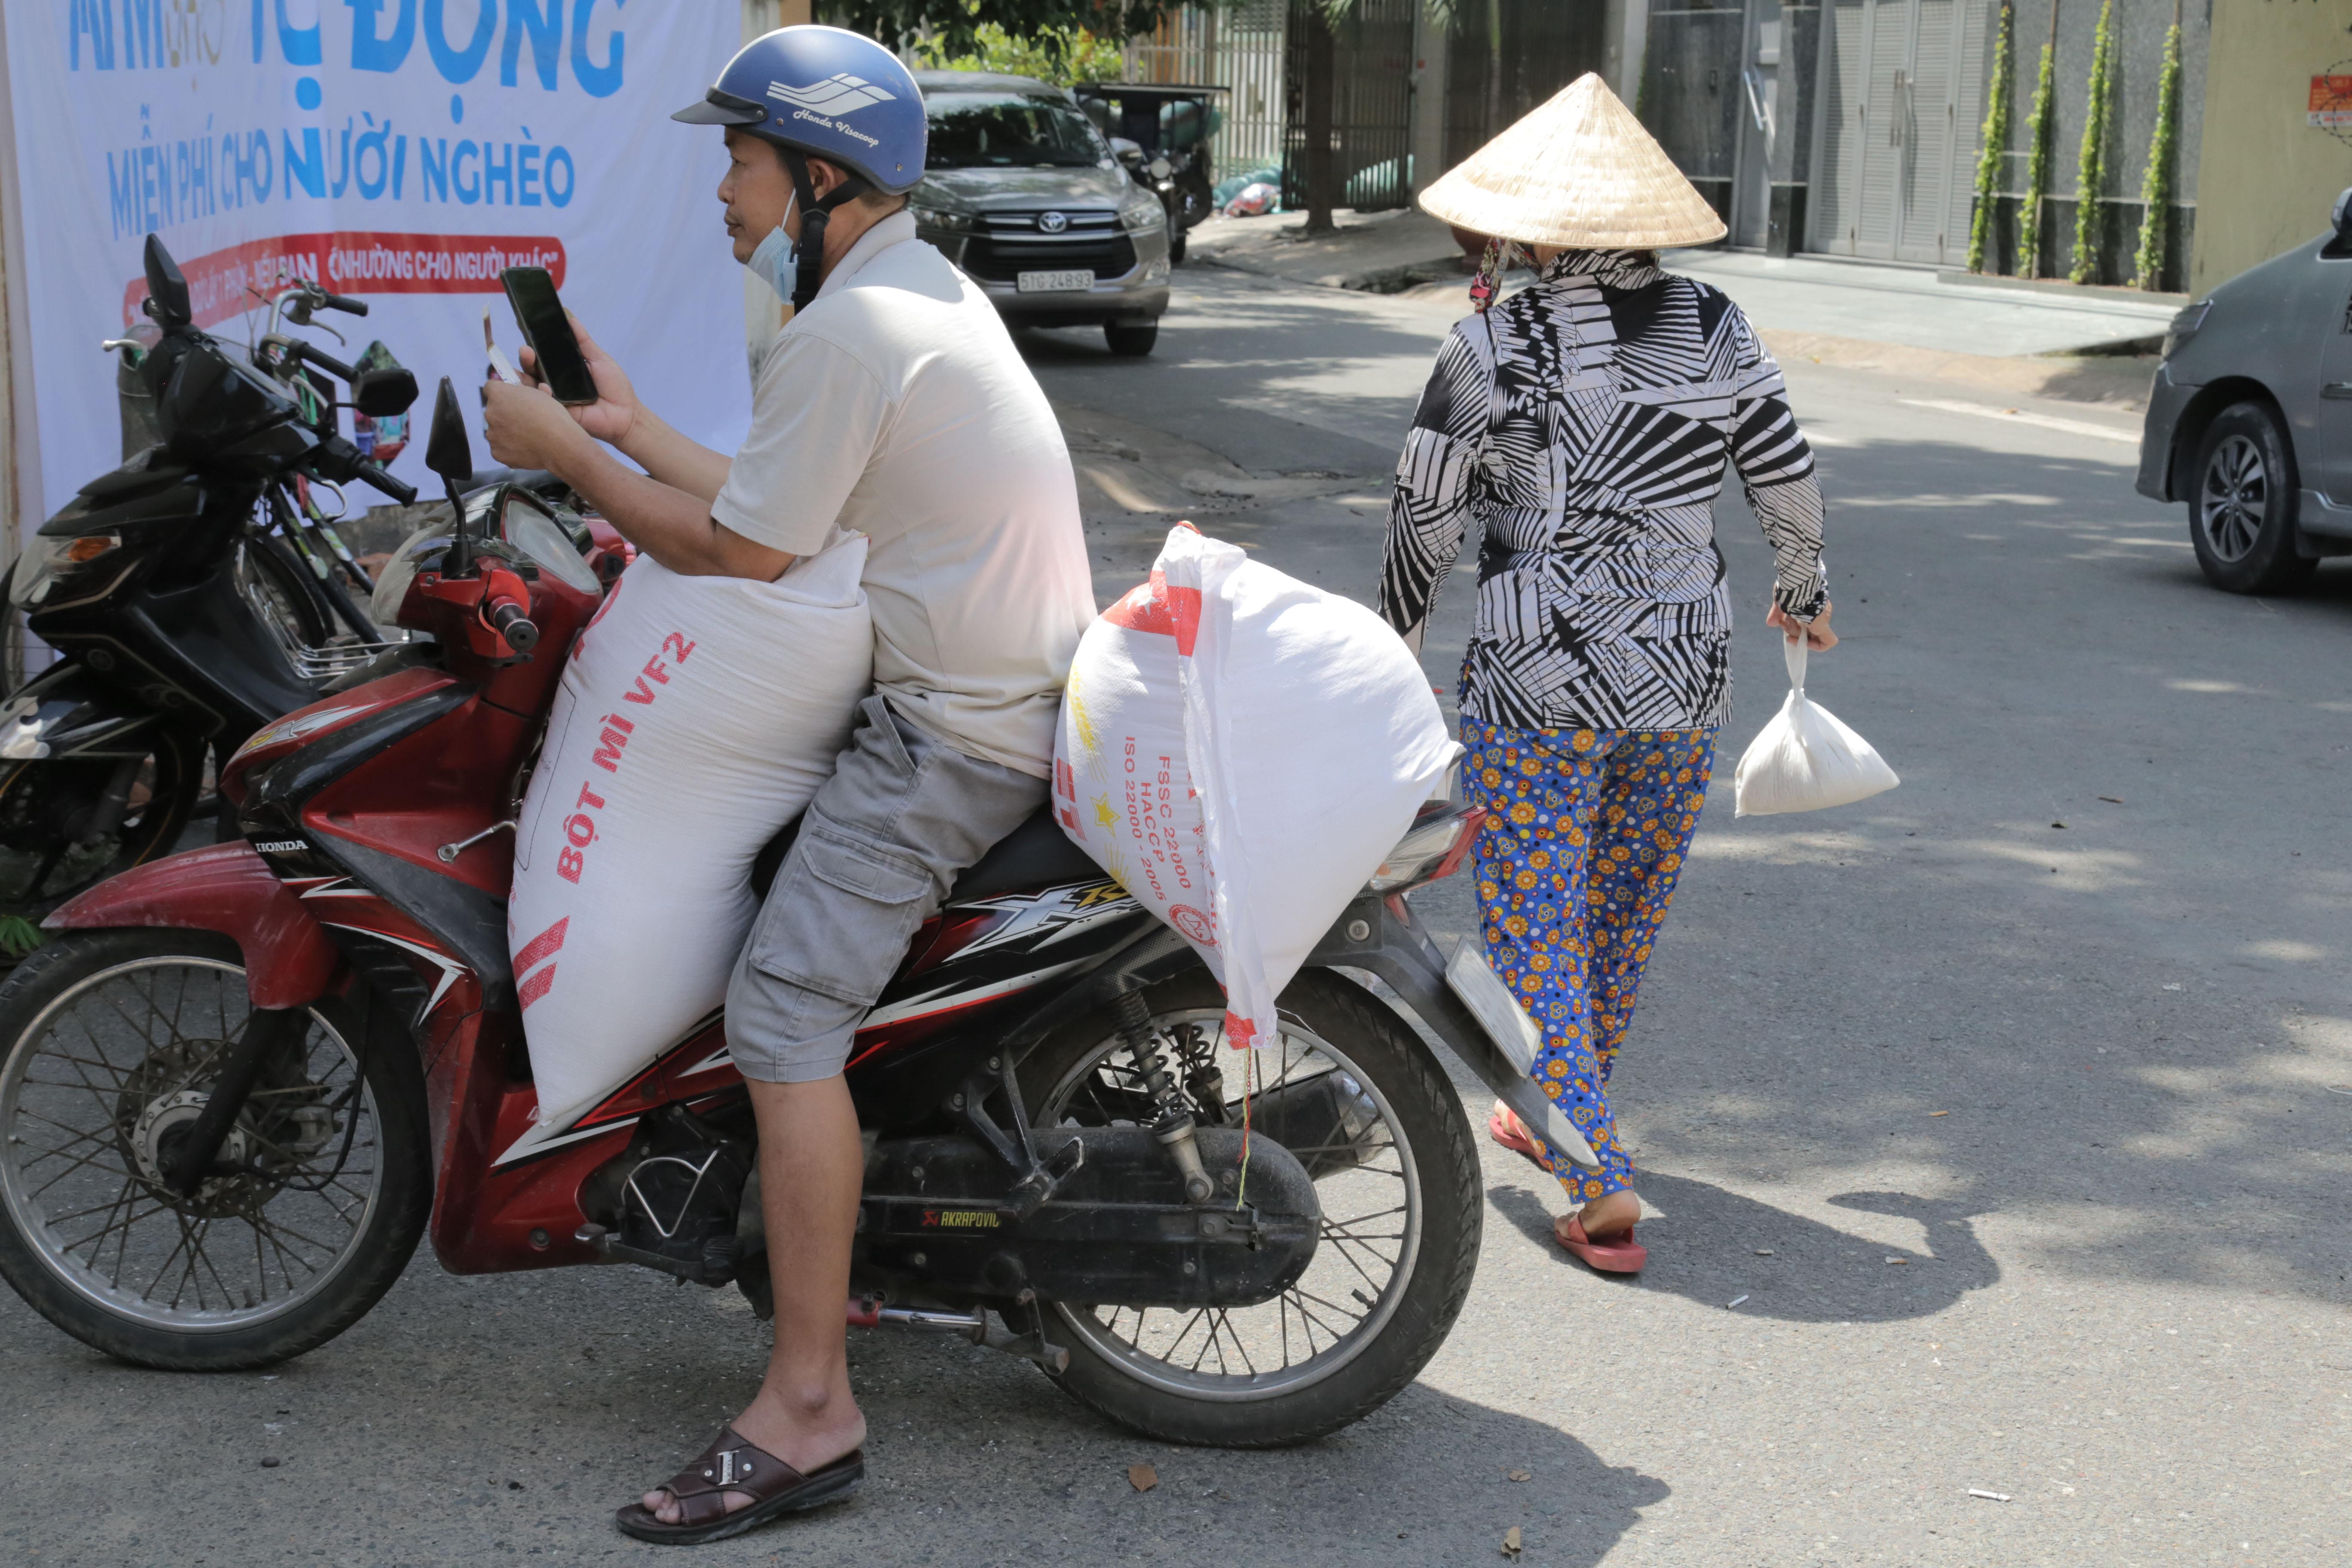 """""""ATM gạo"""" thứ 2 ở Sài Gòn hoạt động trong mùa dịch, bà con khó khăn chỉ cần đến """"máy sẽ tự động nhả gạo"""" - hình ảnh 12"""